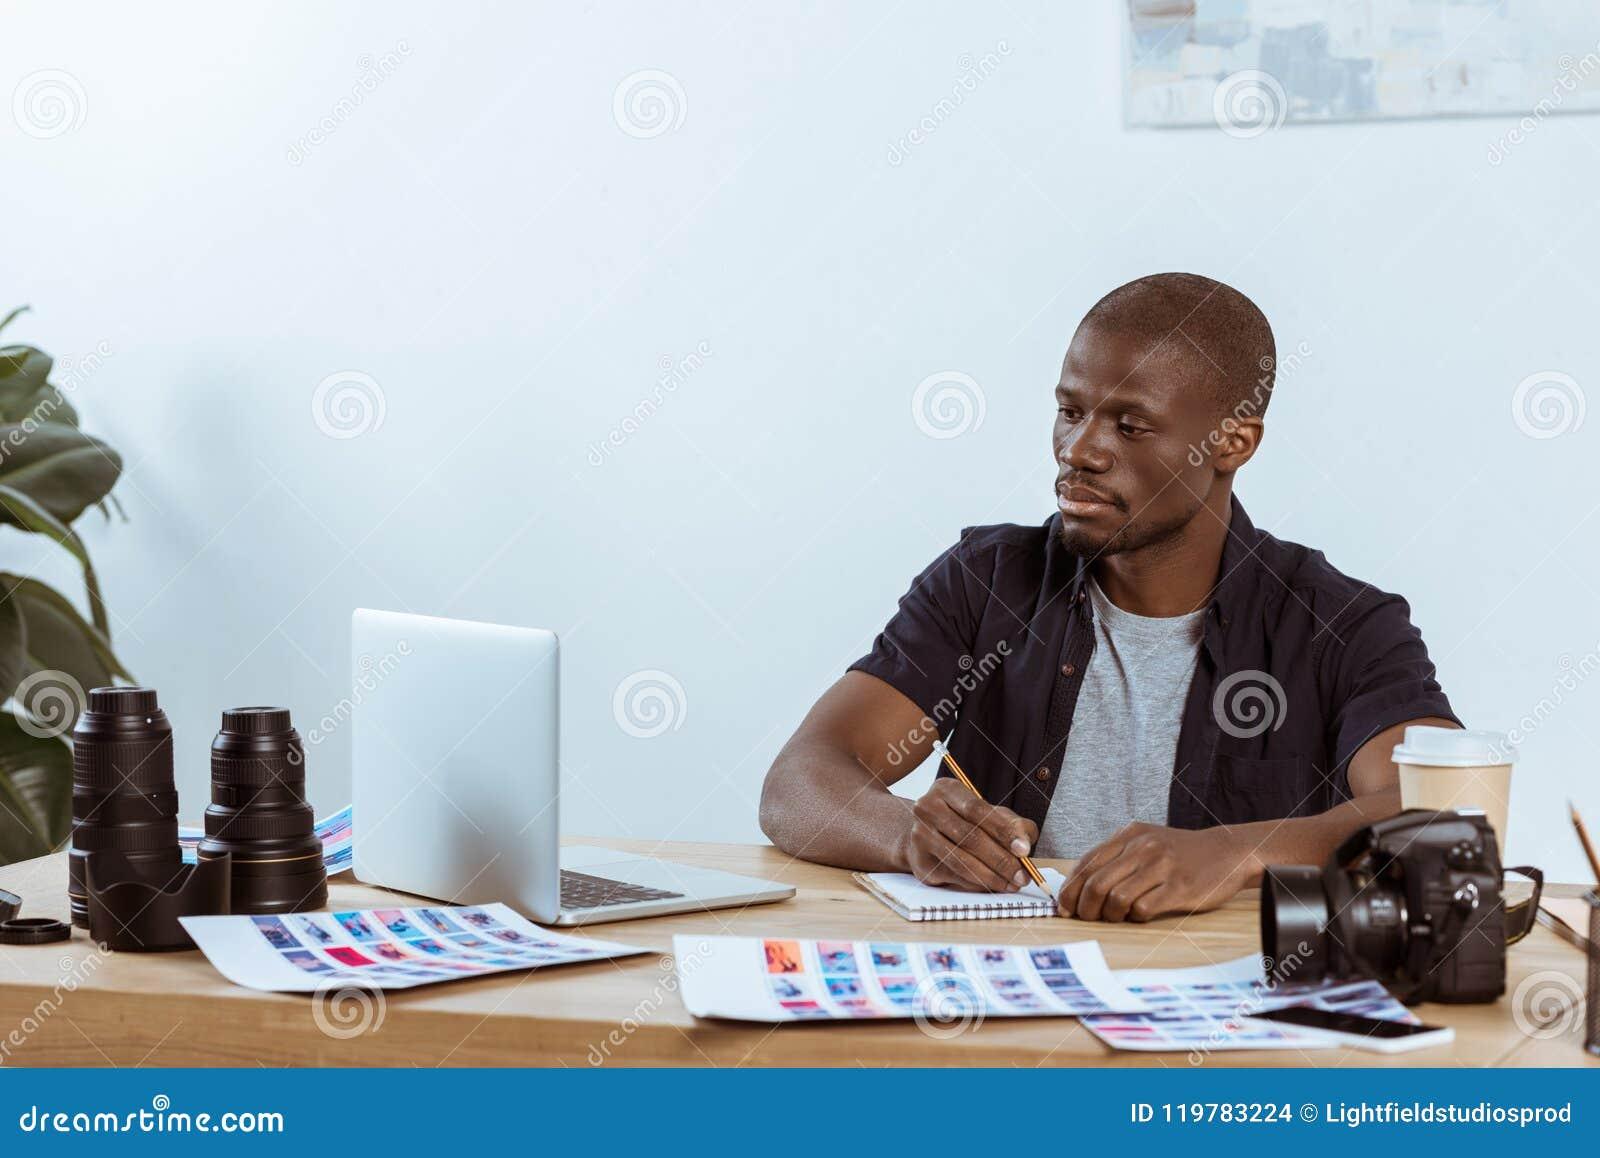 Portret skoncentrowany amerykanina afrykańskiego pochodzenia fotograf pracuje przy miejscem pracy z laptopem